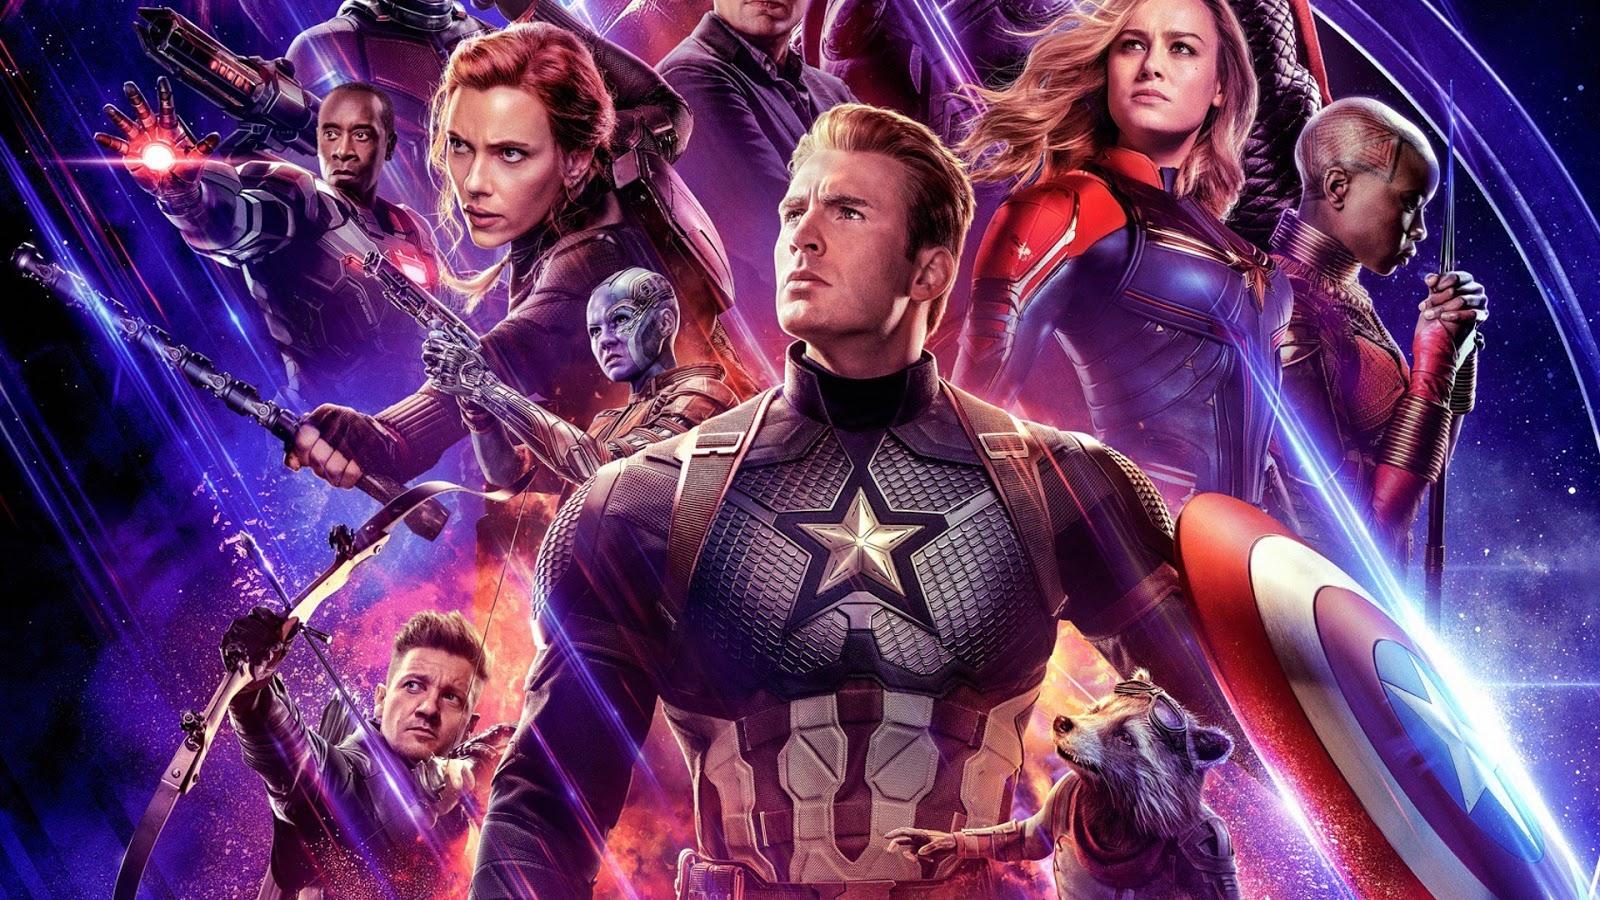 avengers endgame 2019 hollywood dual audio mkv: Avengers